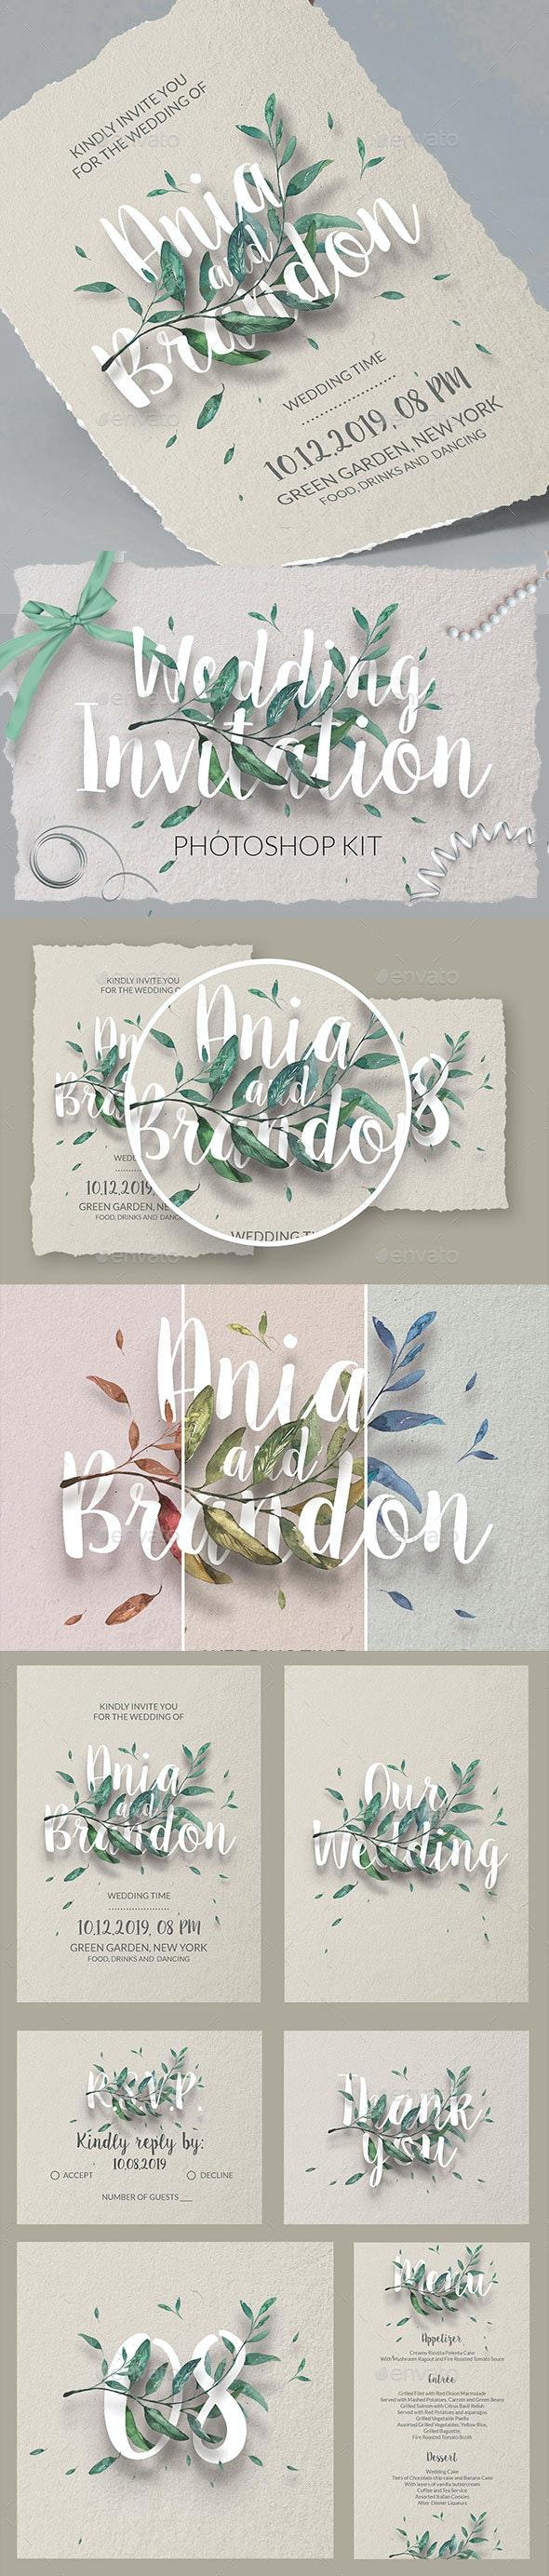 Wedding Invitation Template Kit - Invitations Cards & Invites